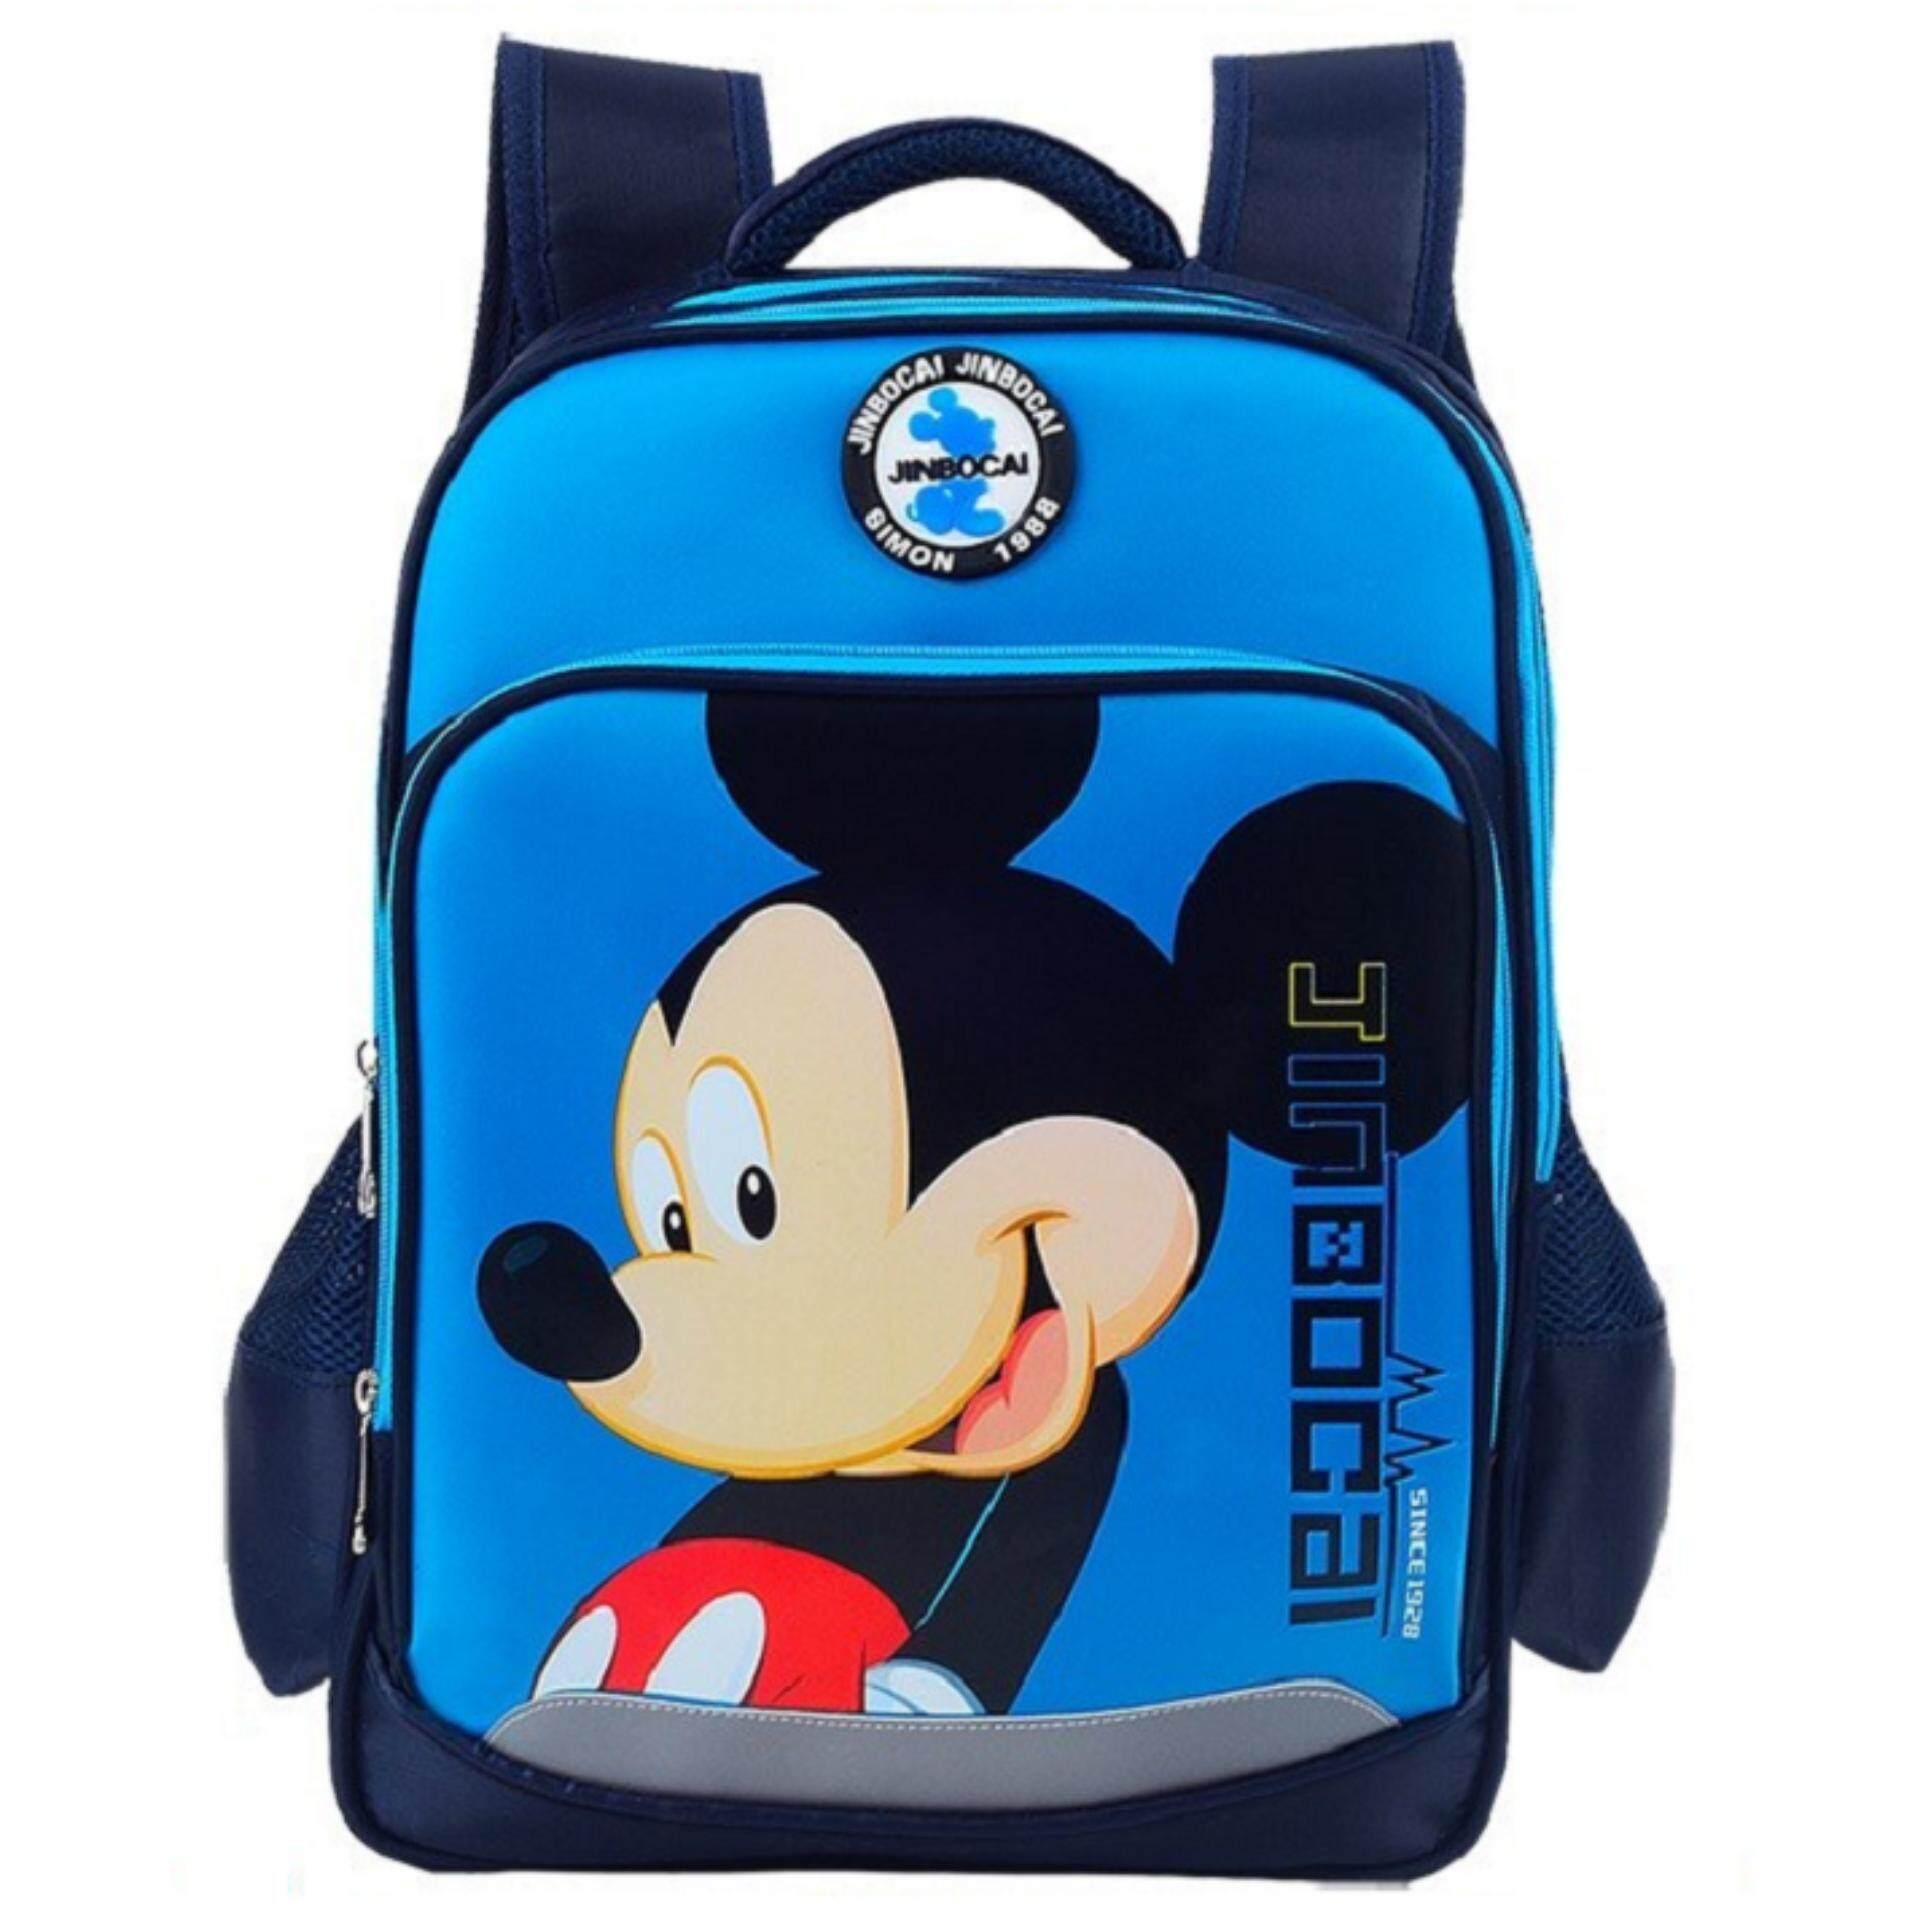 Ocean Blue Kids Primary School Bag MYESKB039